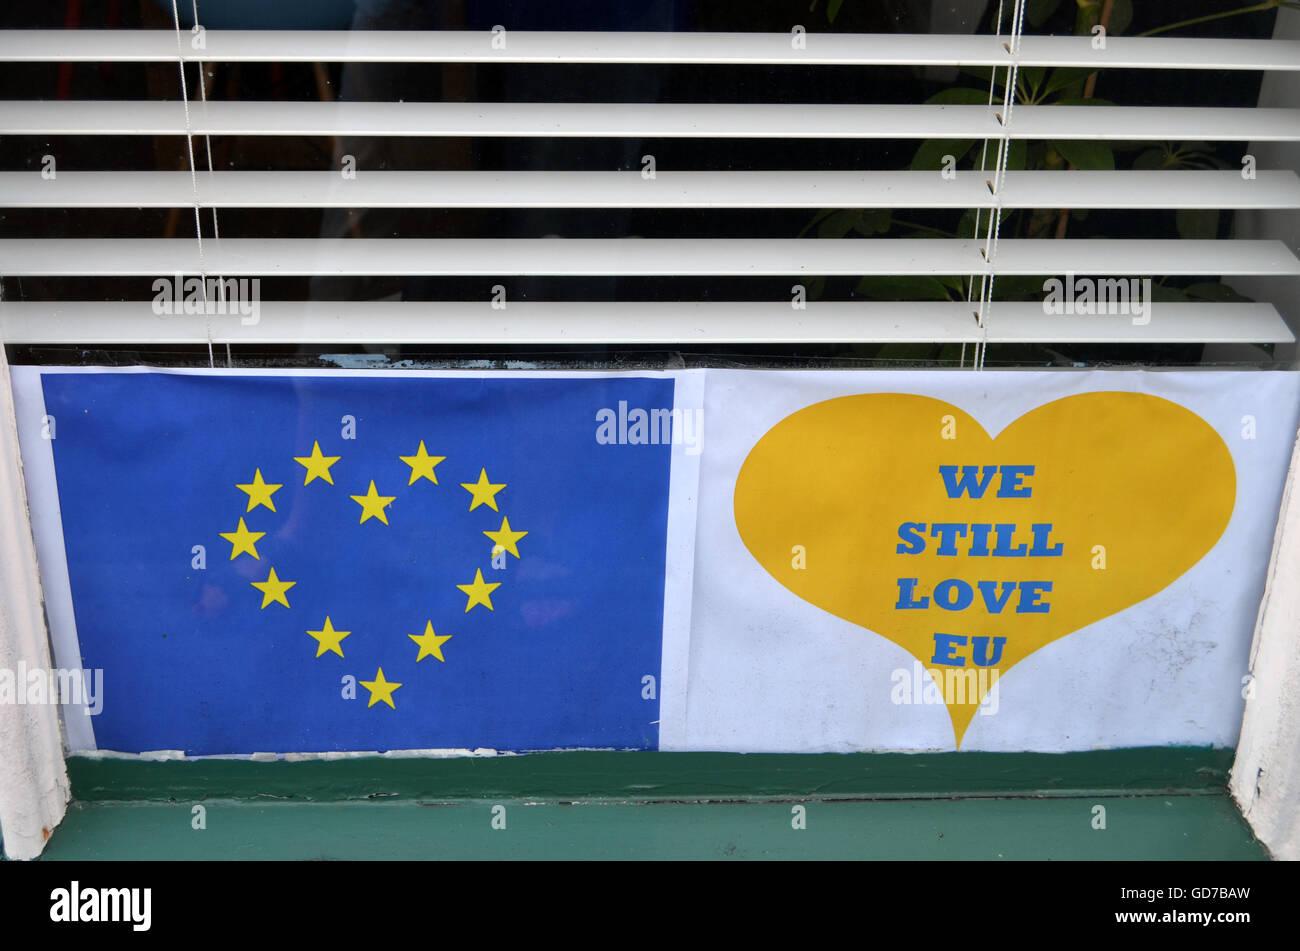 Affiches de l'Union européenne Pro après référendum Brexit, Norfolk Juin 2016 UK Photo Stock